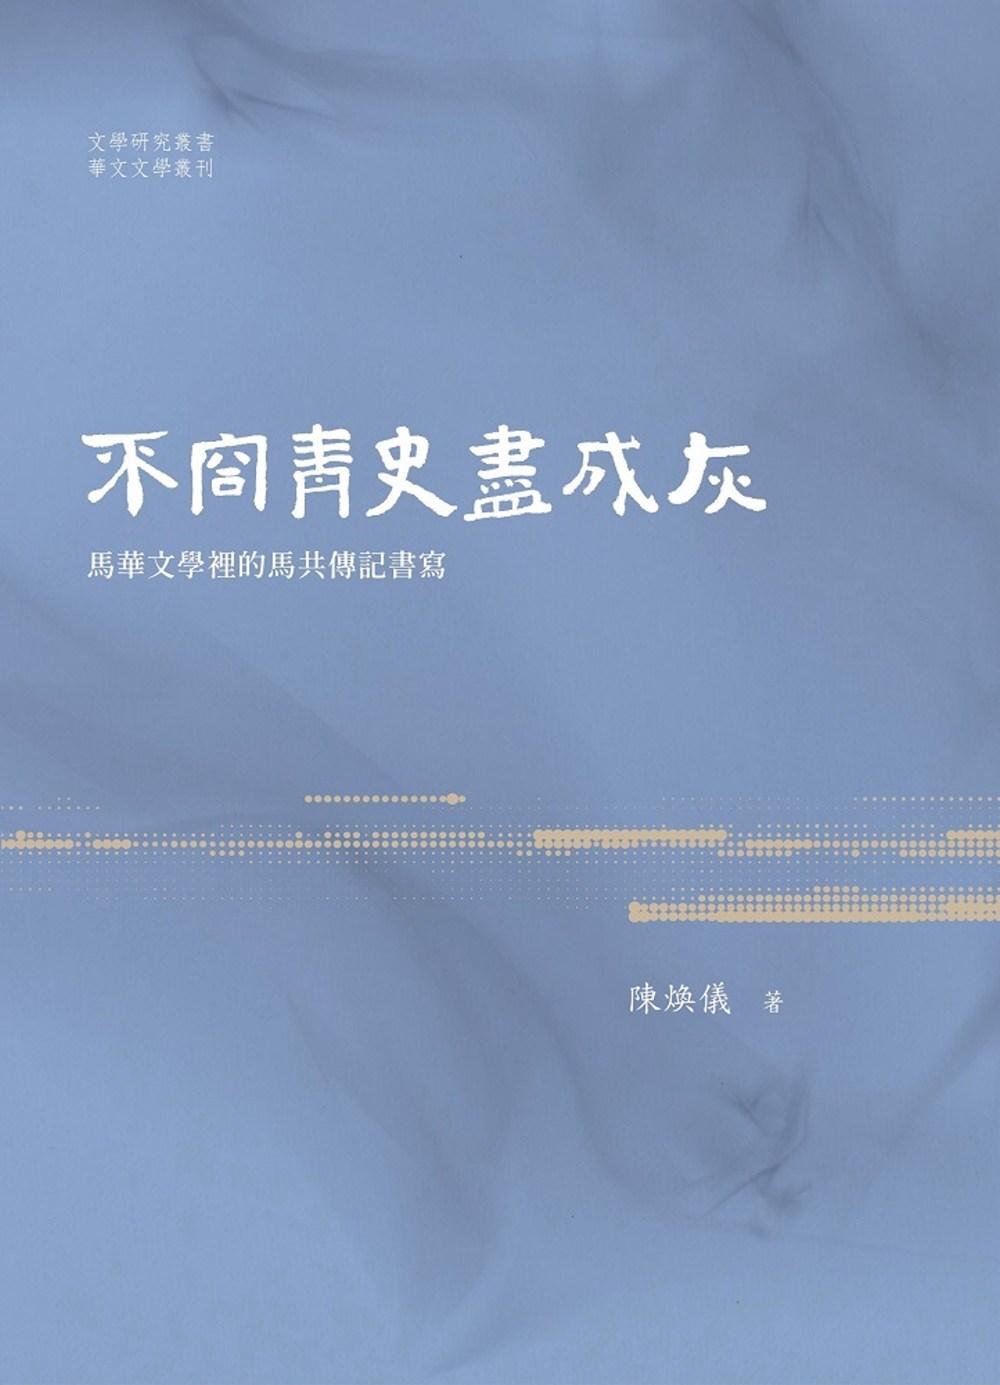 不容青史盡成灰:馬華文學裡的馬共傳記書寫